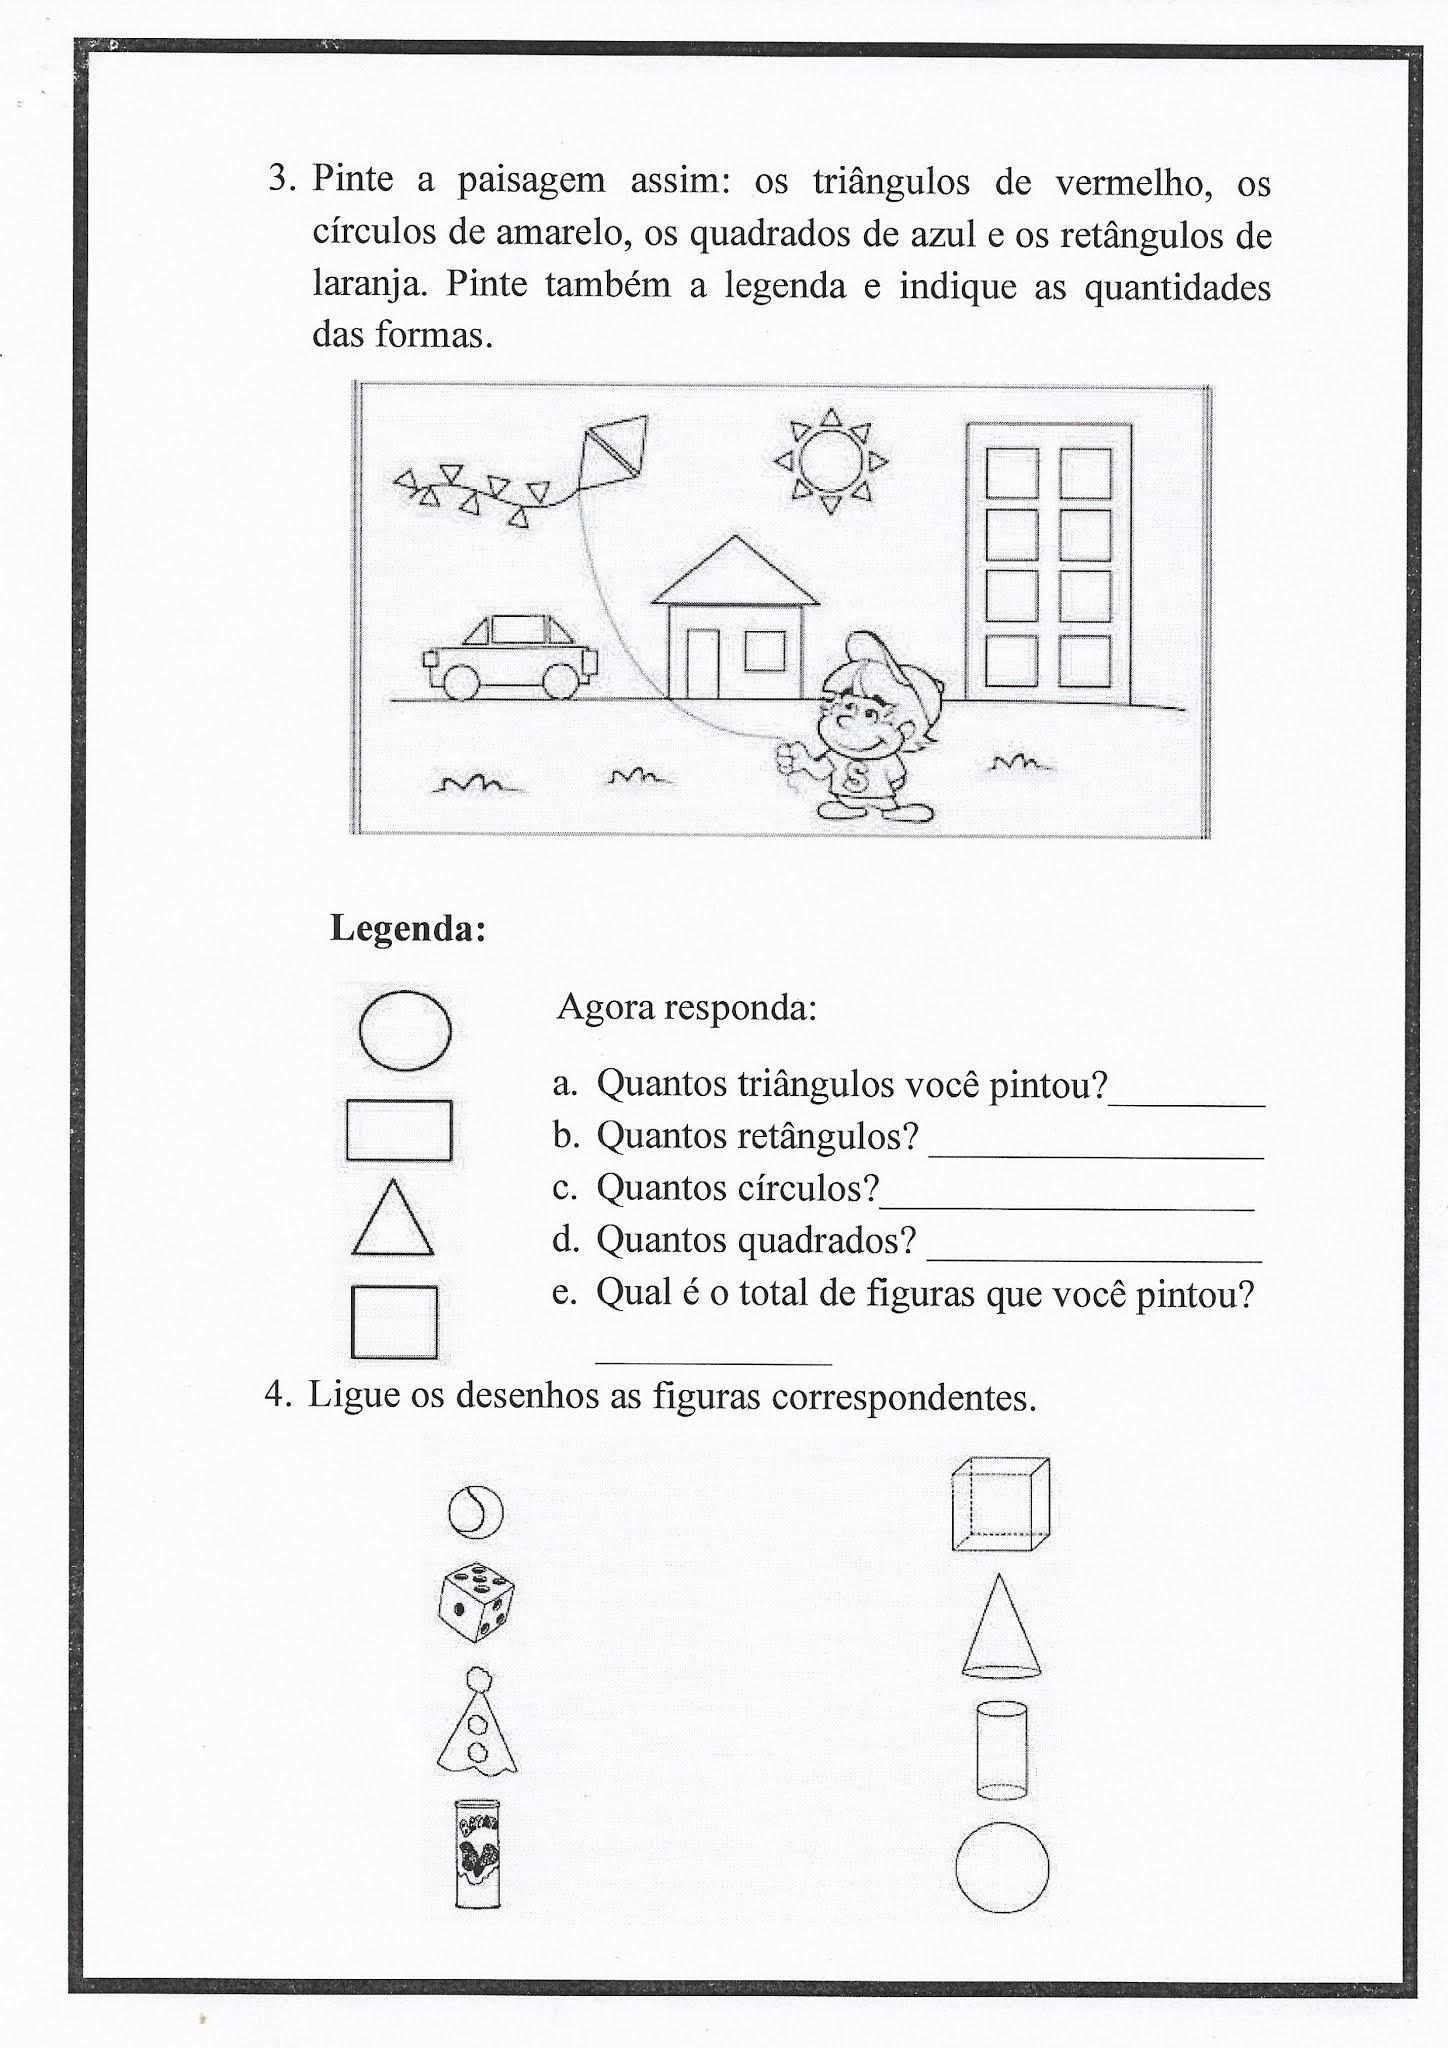 Atividade de Matemática: figurar geométricas e sólidos geométricos